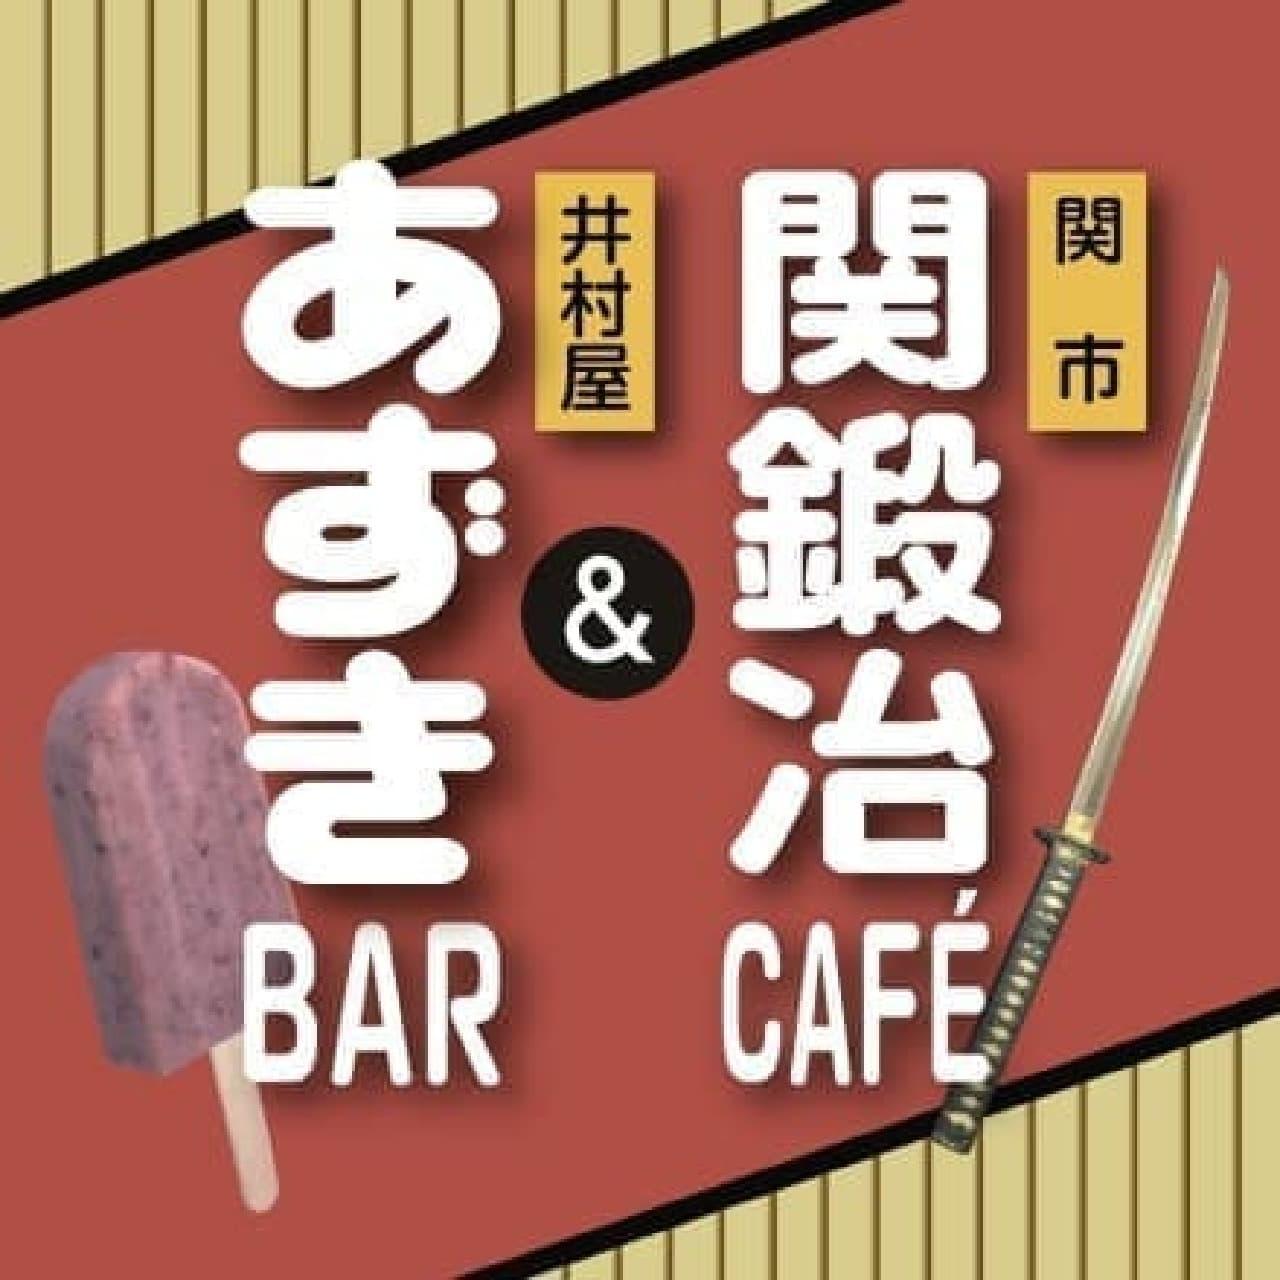 関鍛冶CAFE&あずきBAR in 刃物まつり